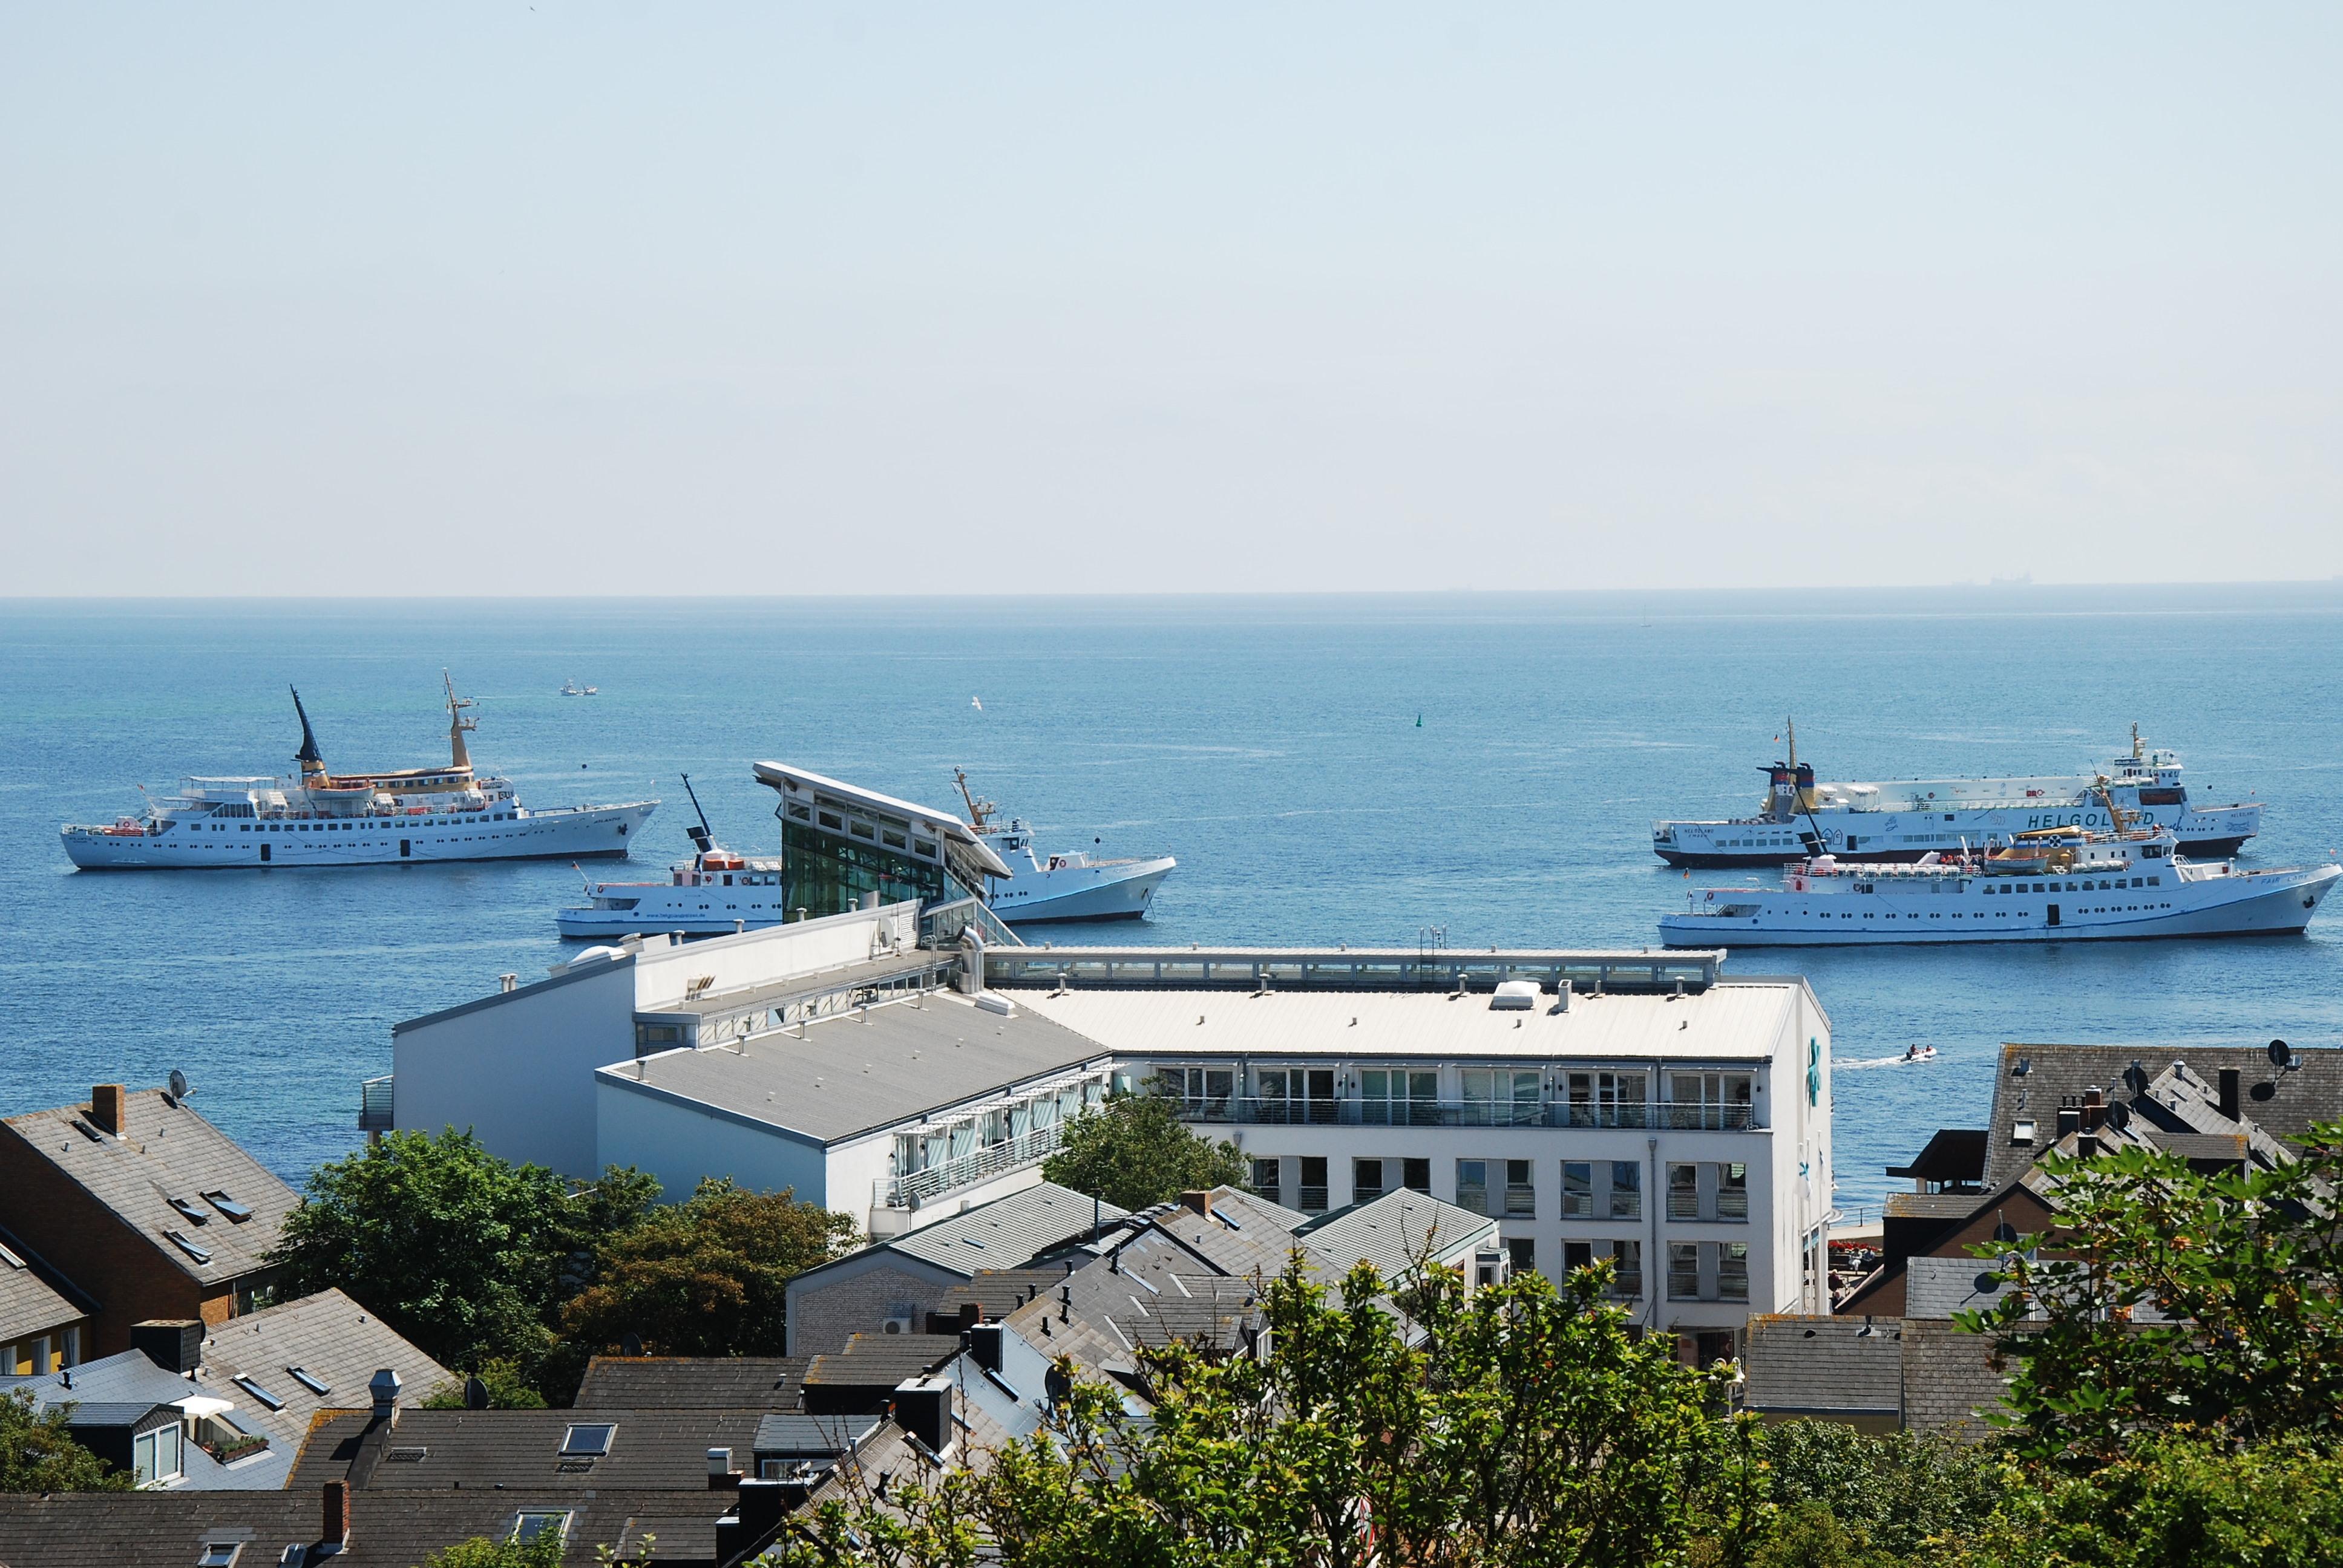 Fra Oberland kan man se ud over havnen med turist færgerne der ligger på Reden.